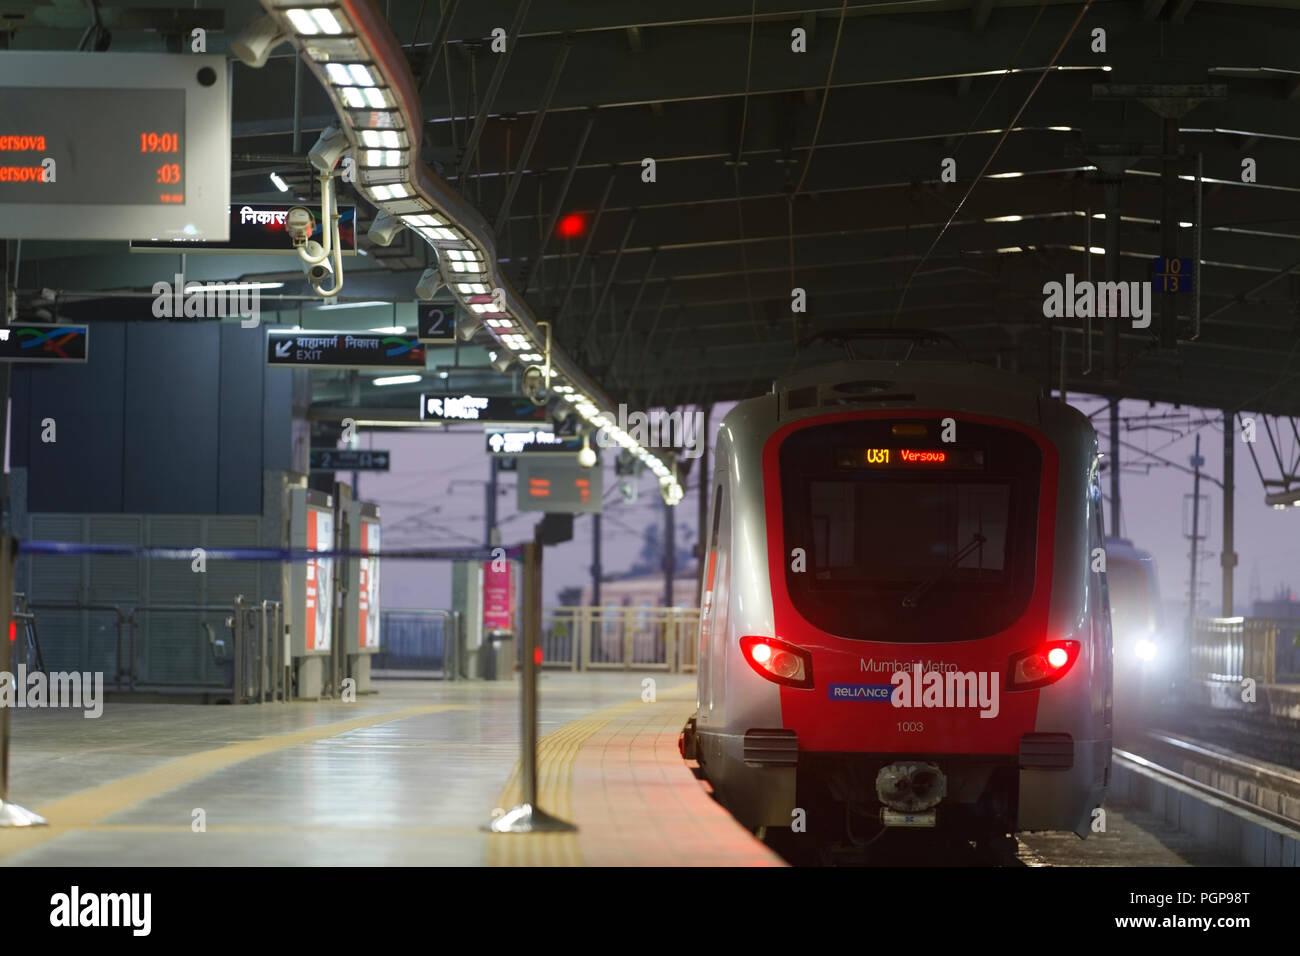 Mumbai Metro train intérieur et extérieur. Moderne, confortable, rapide, neuves et d'air conditionné moyen de transport à Mumbai en Inde, Banque D'Images